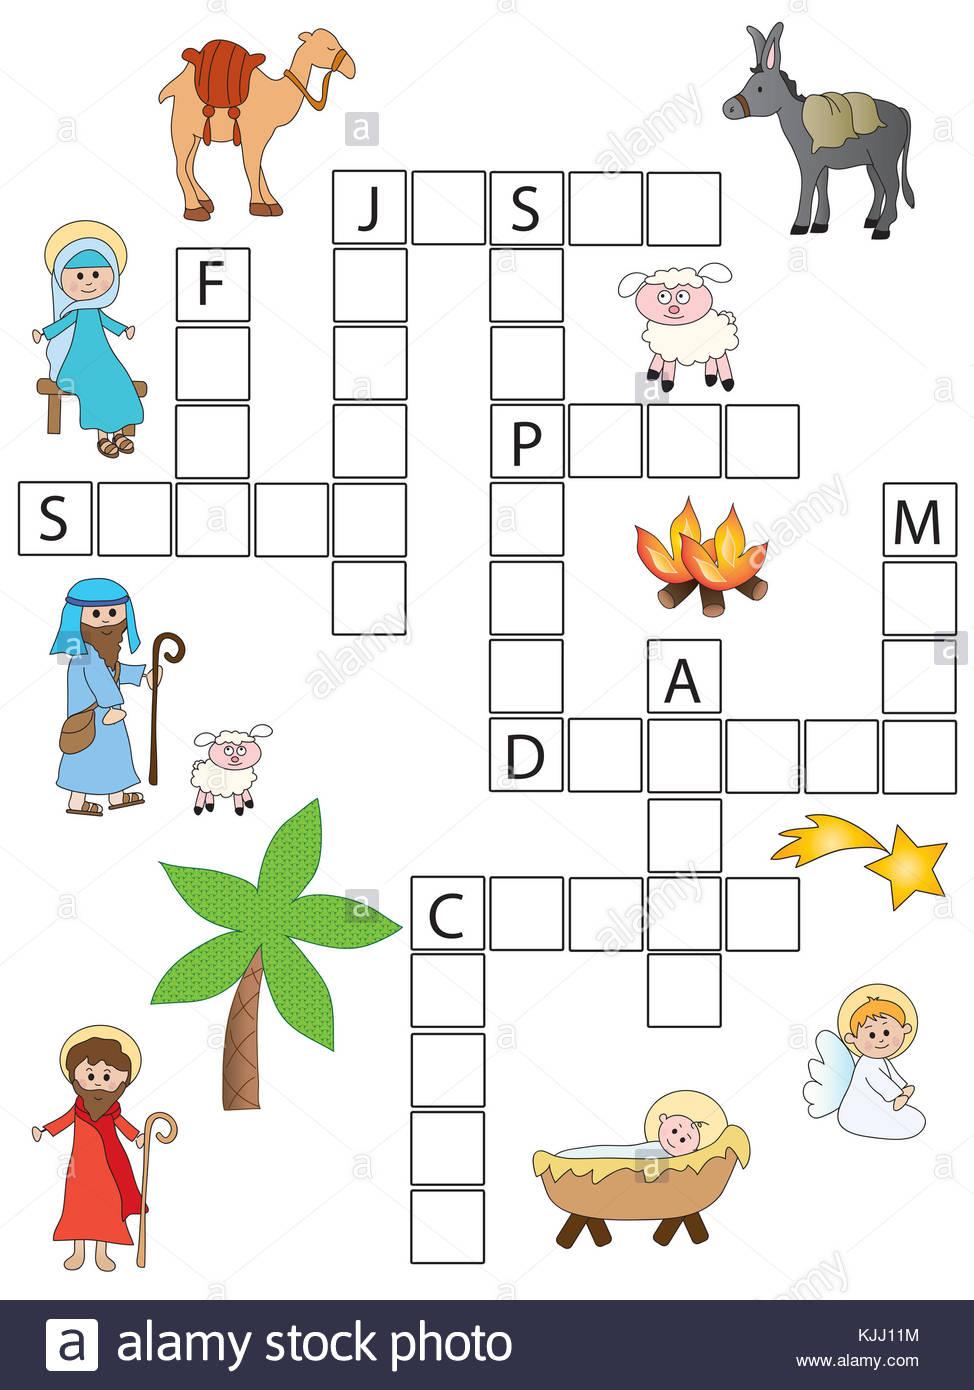 Jeu Pour Les Enfants : Mots Croisés De Noël Banque D'images intérieur Mots Croisés Noel